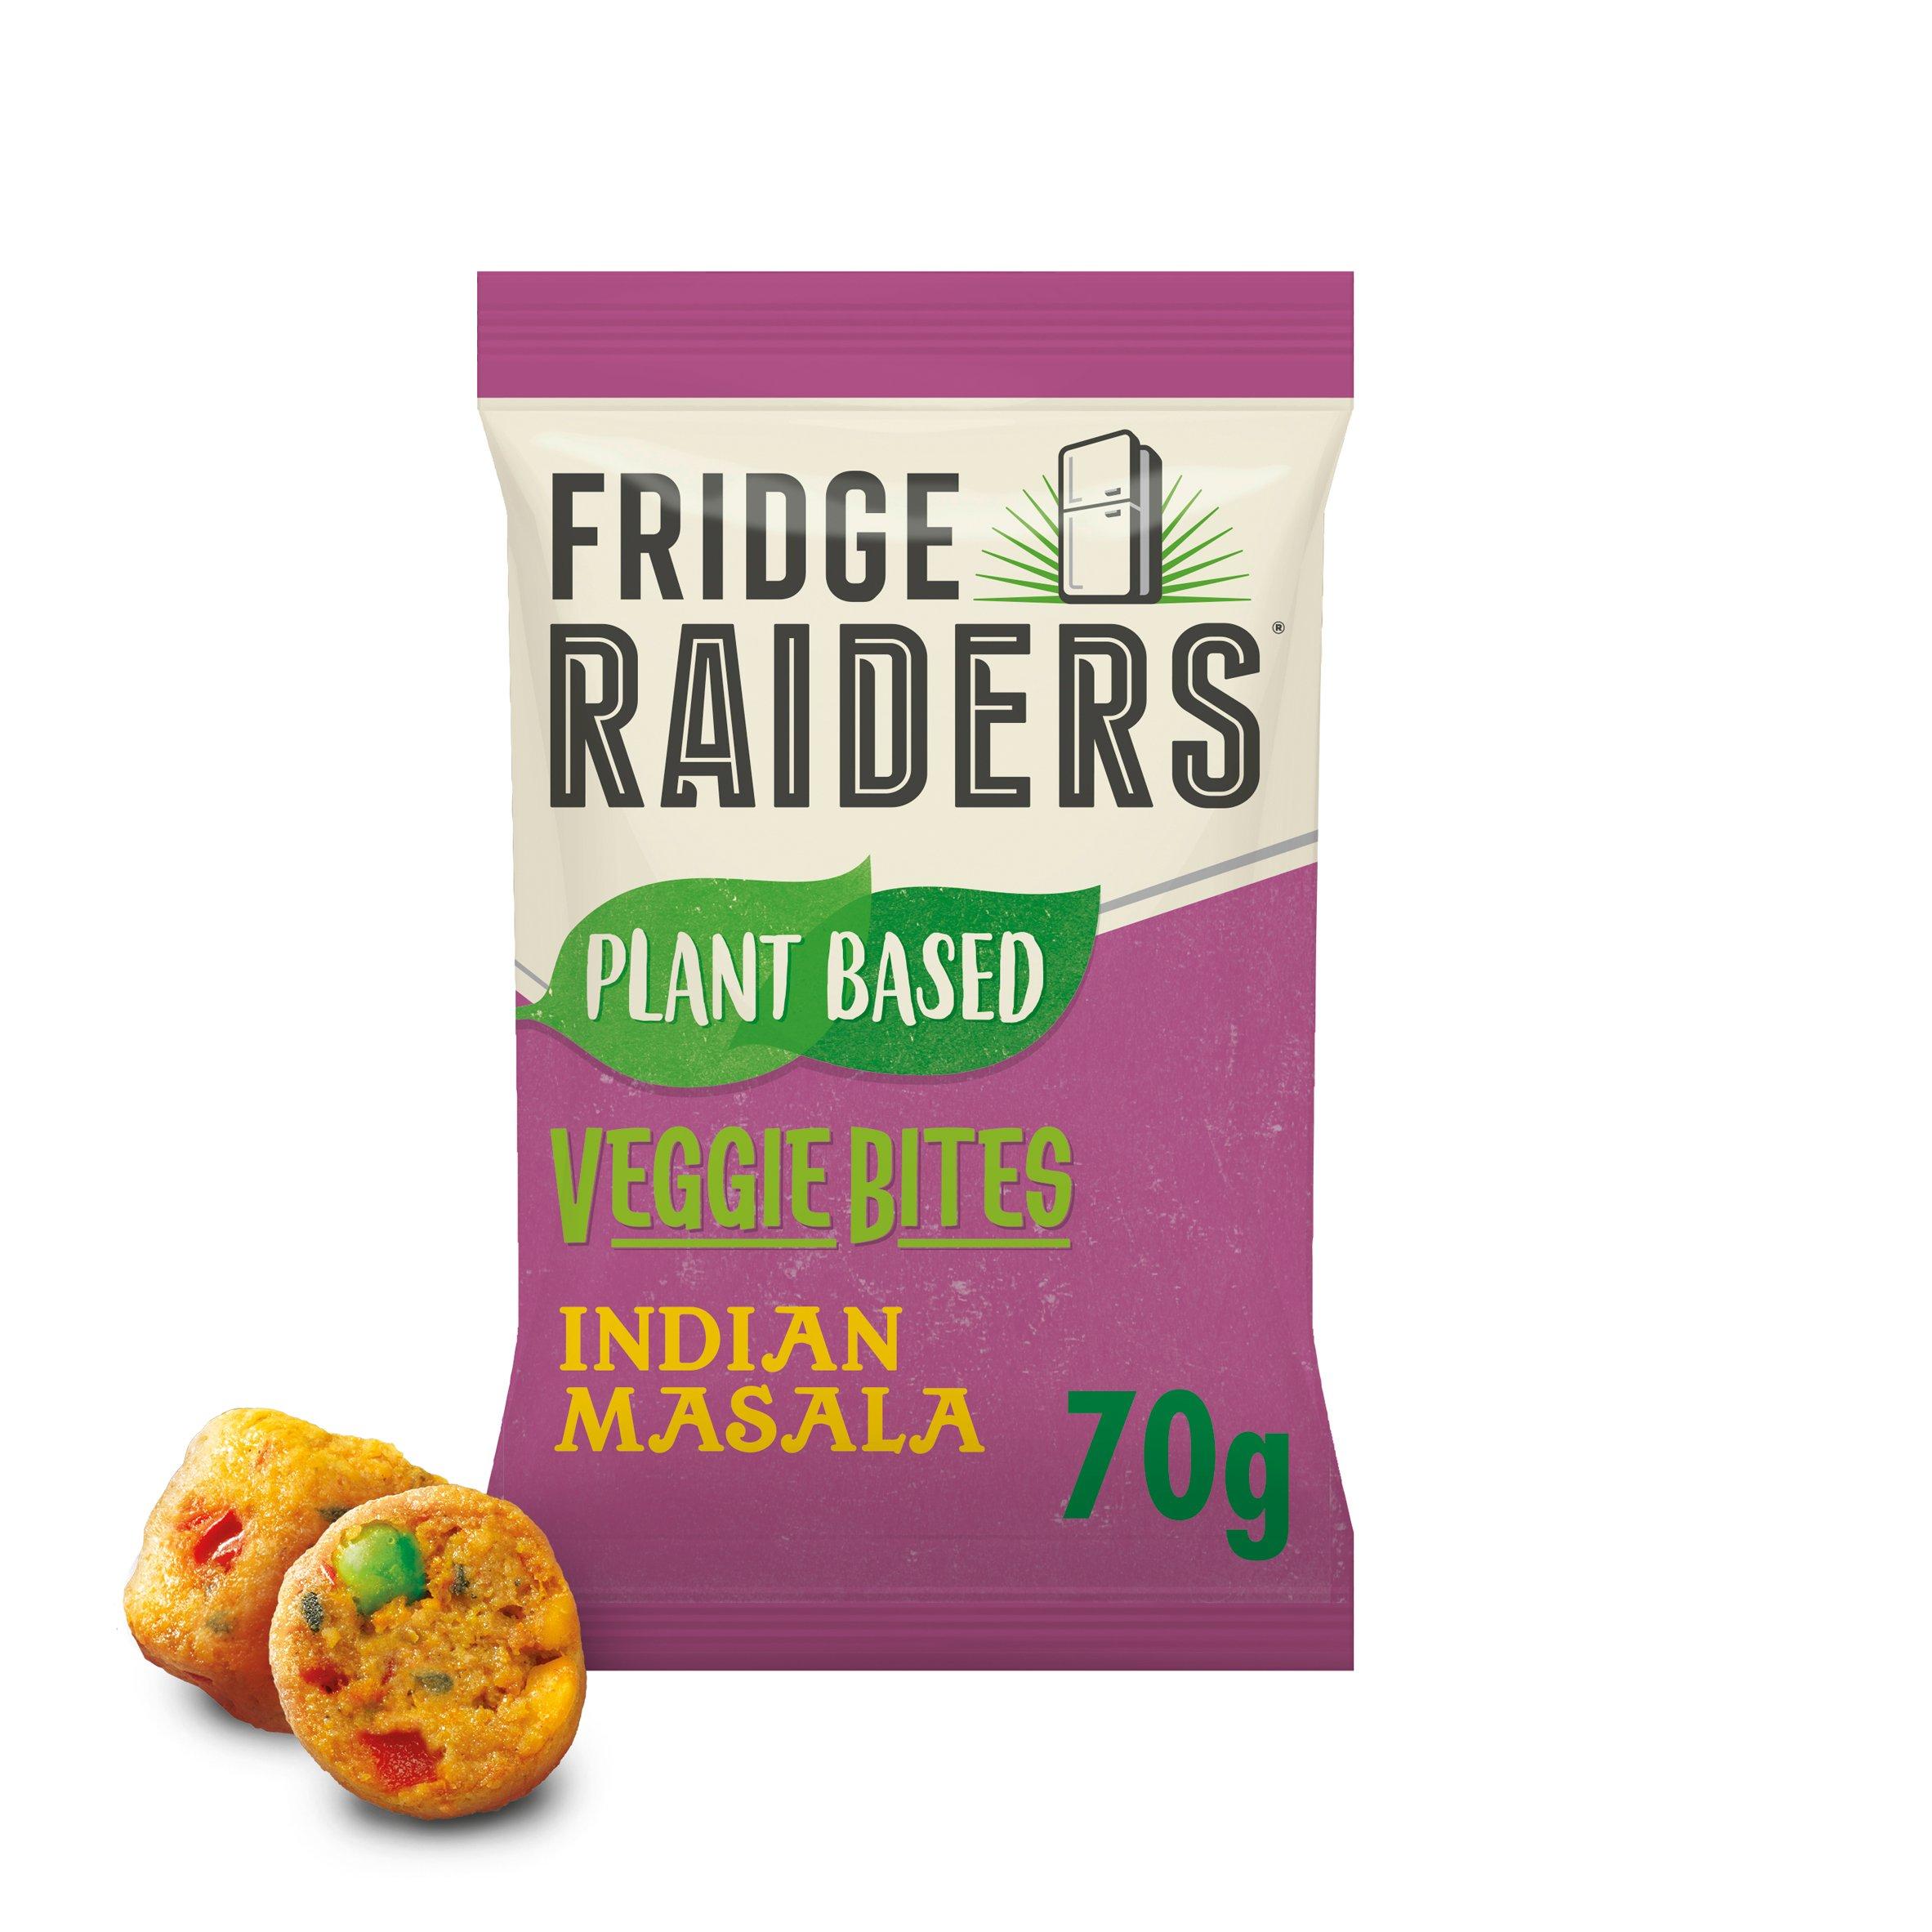 Fridge Raiders Plant Based Indian Masala Bites 70G